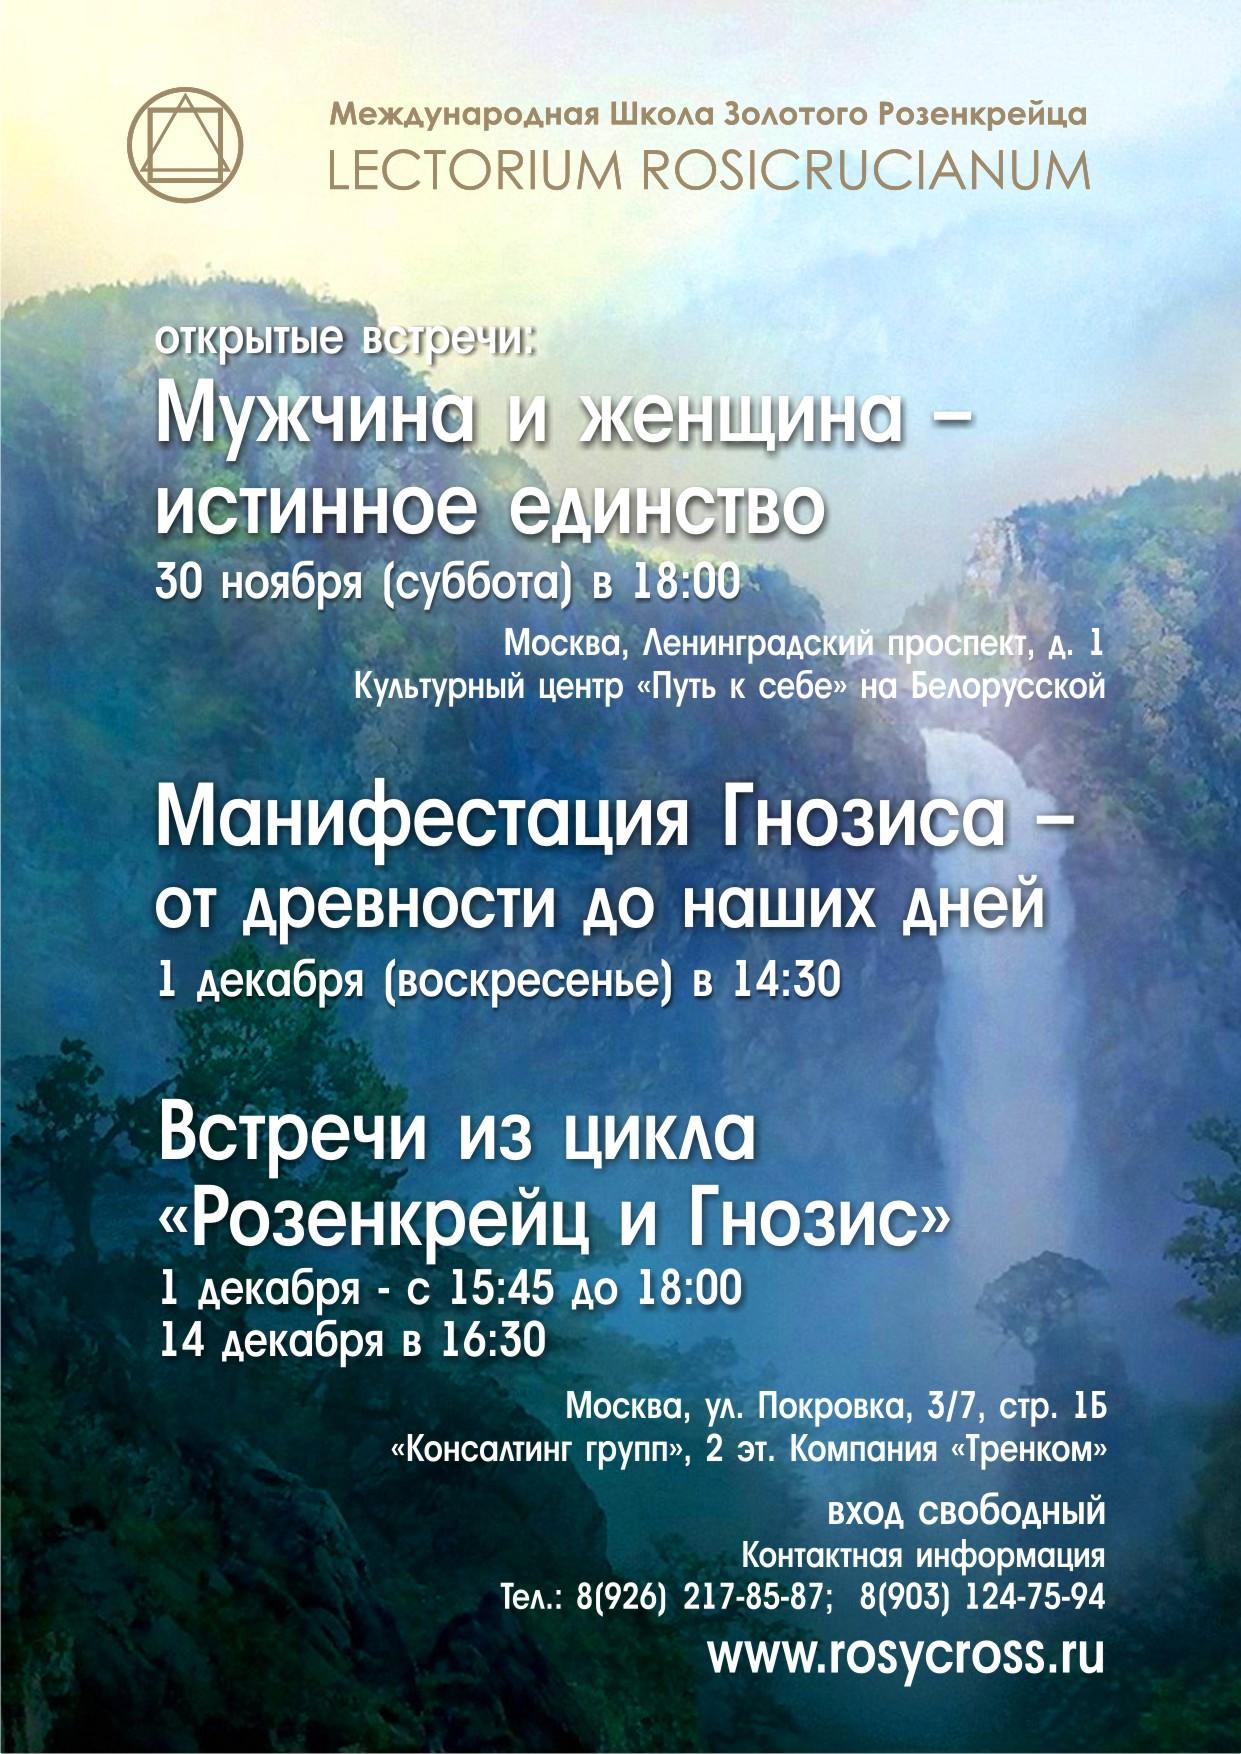 Ближайшие события в Москве